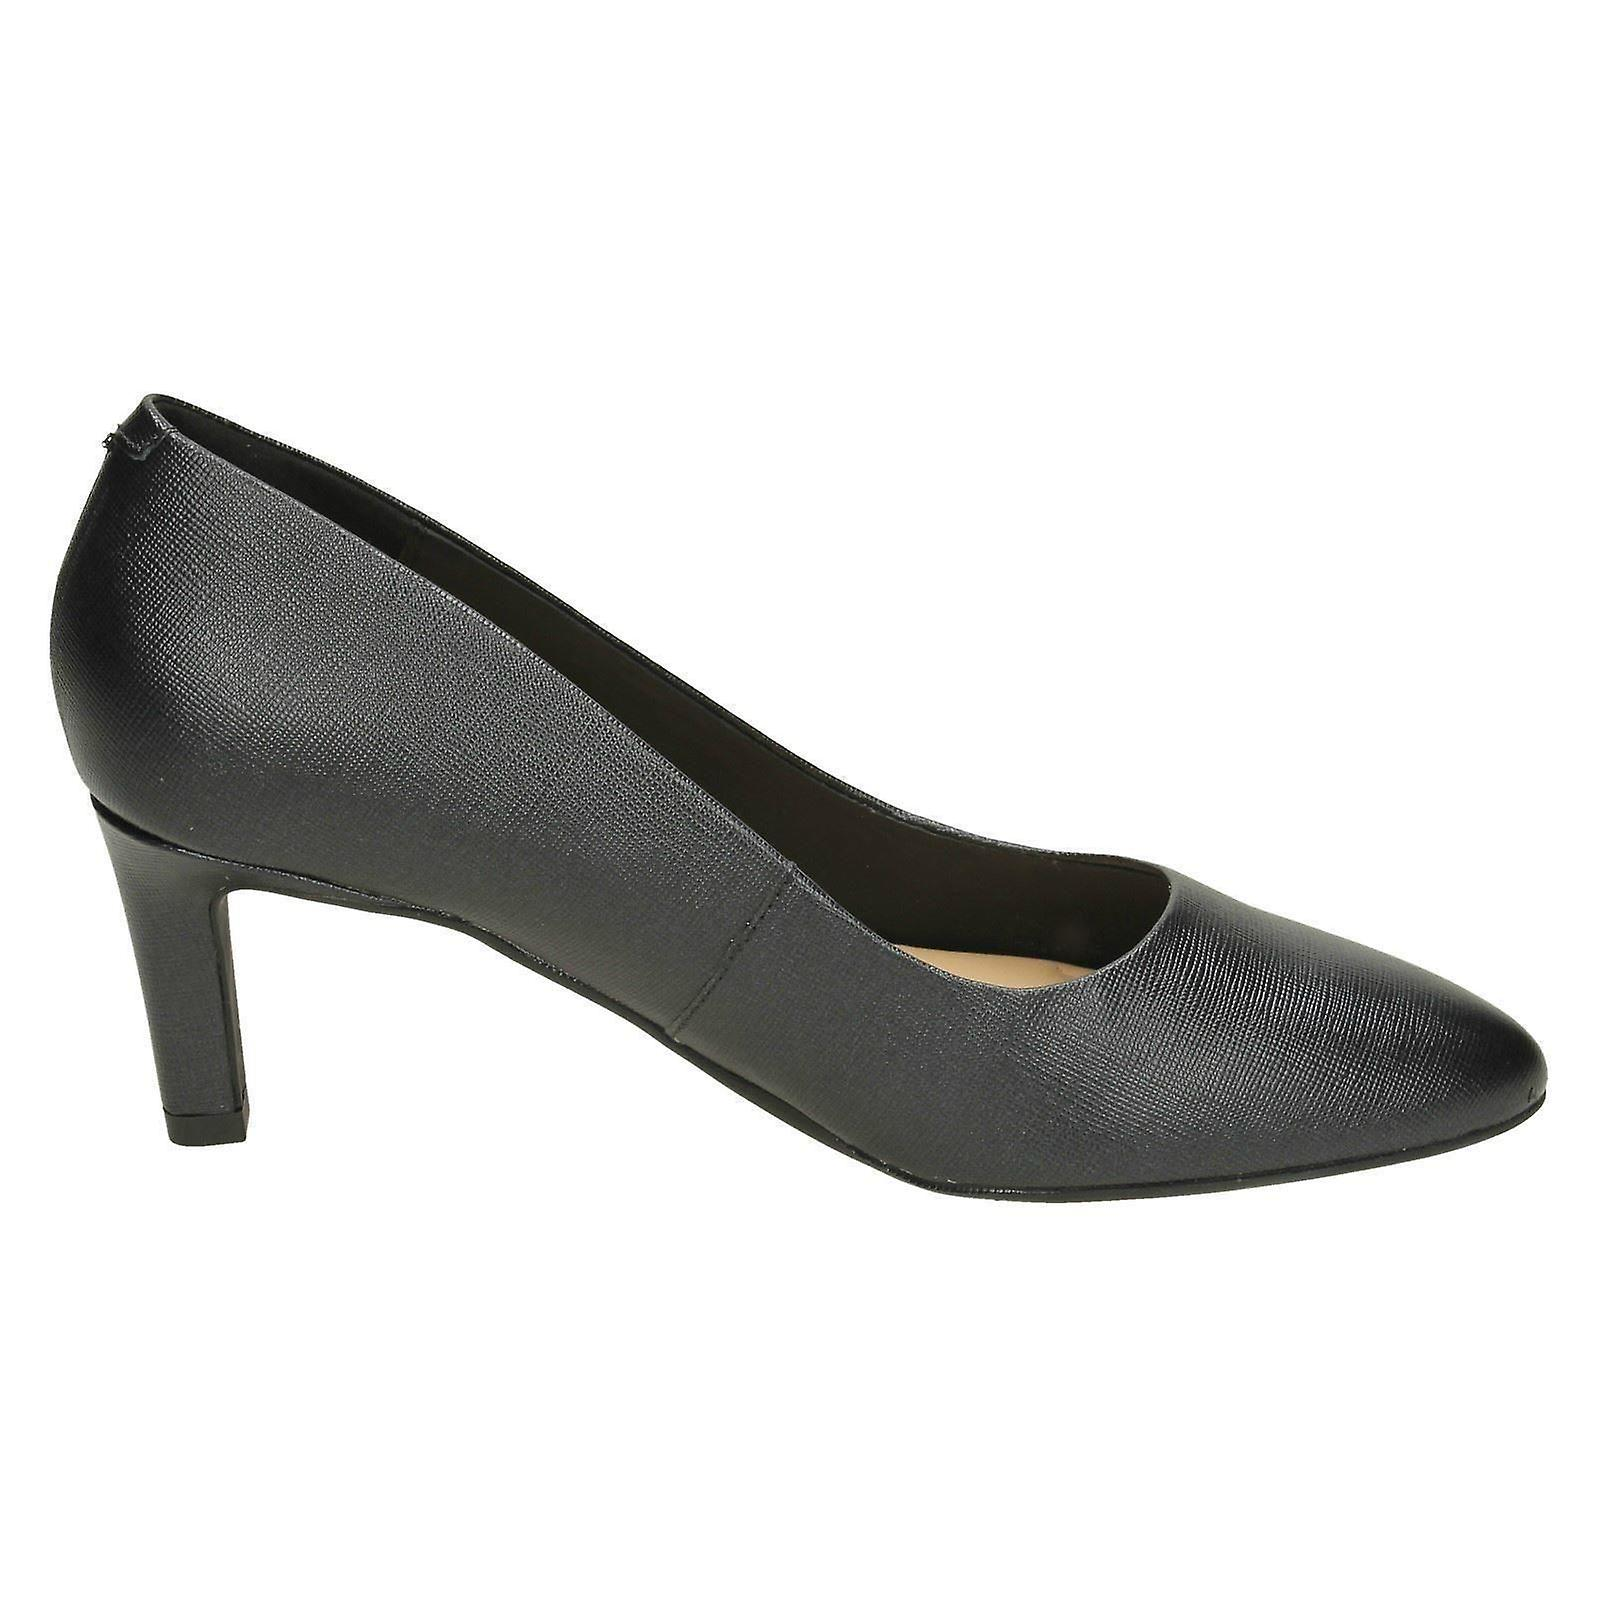 Mesdames Clarks texturé Cour chaussures Calla Rose - - - Noir texturé cuir - UK taille 7,5 J - UE taille 41,5 - taille US 10M   Coût Modéré    Digne  d8bbeb